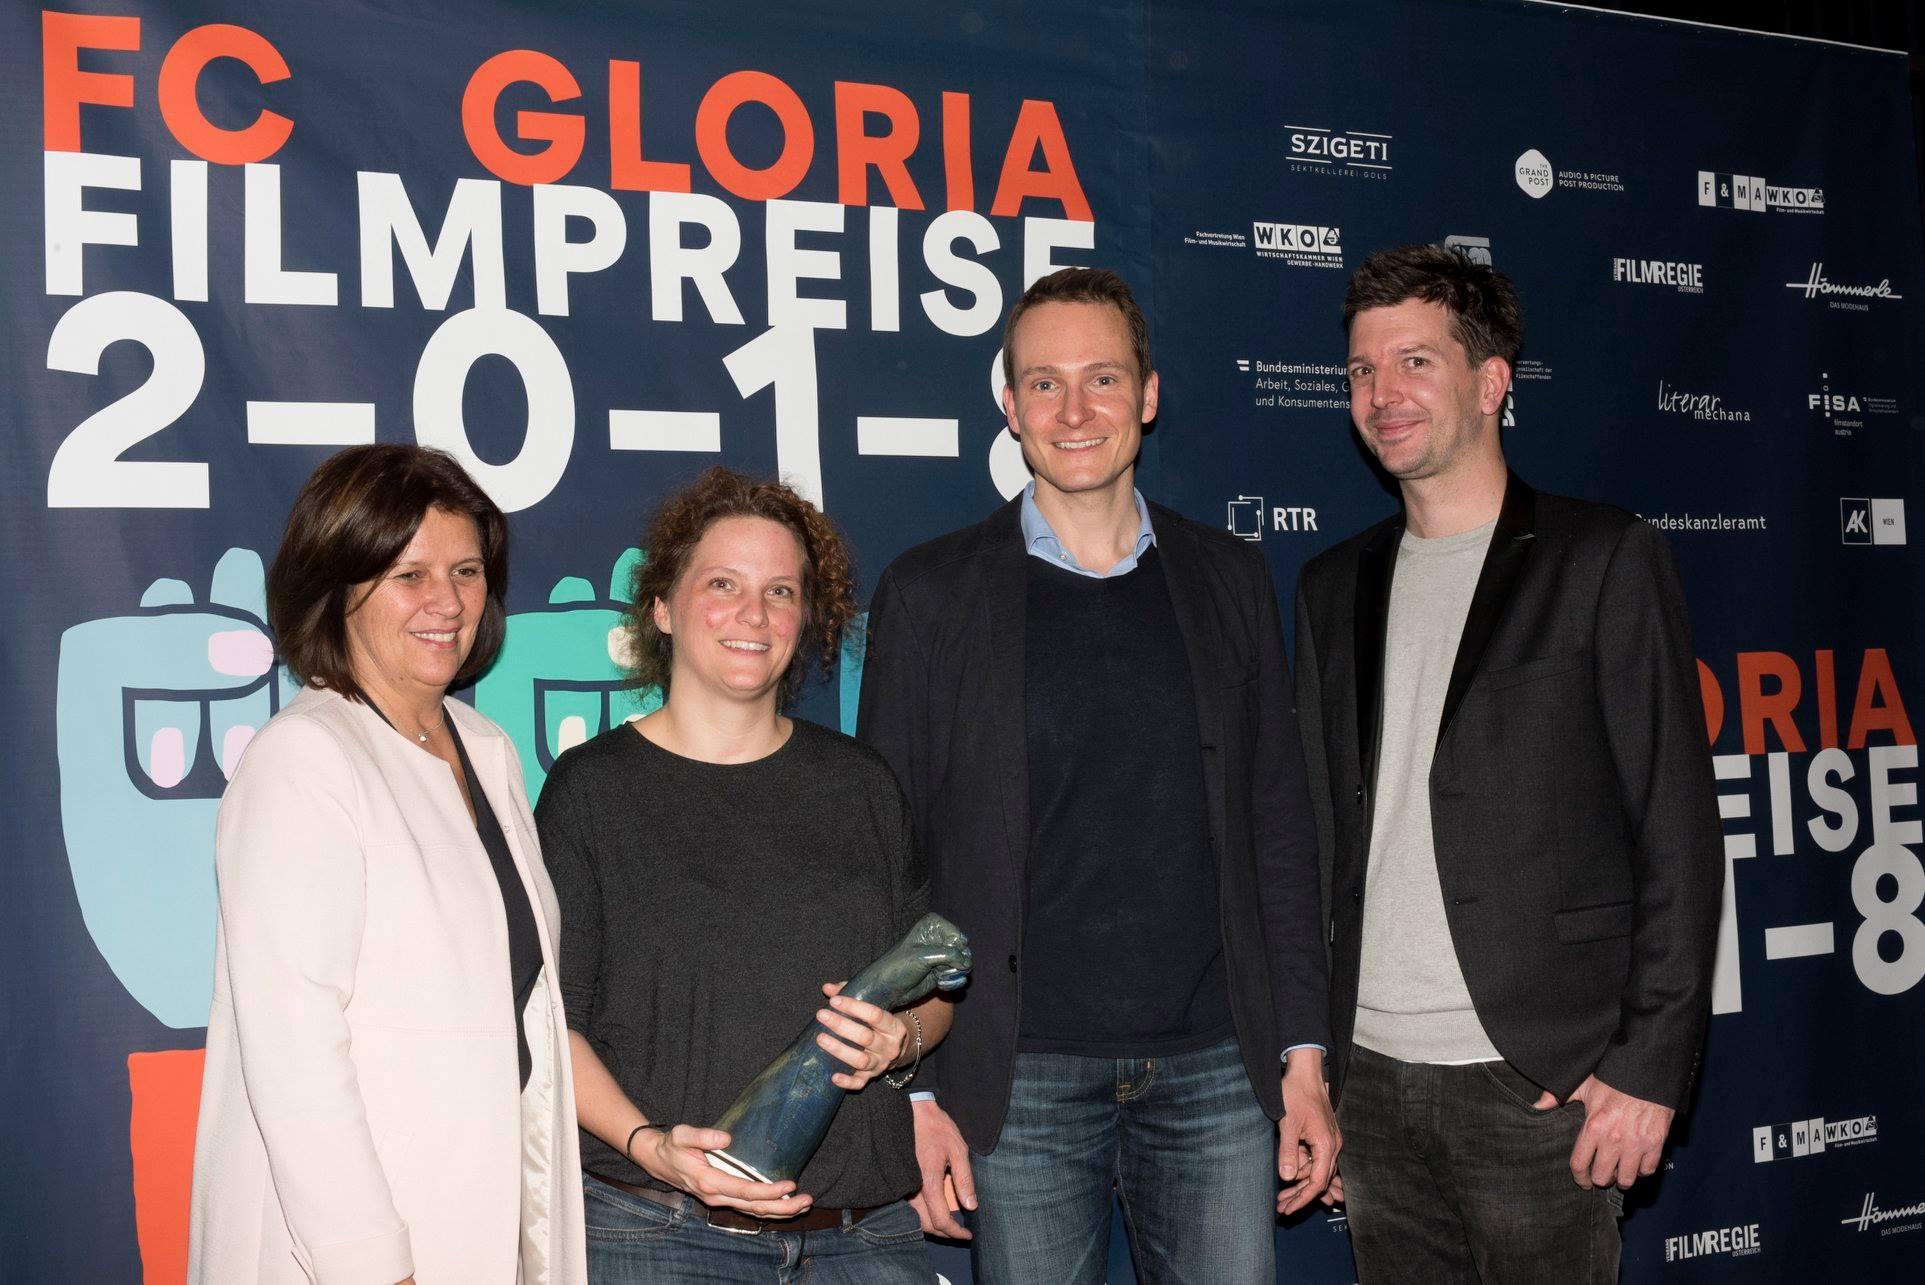 Preisstifter*innen: Renate Anderl (Arbeiterkammer) und Marco Zinz und Alexander Fischbacher (The Grand Post) mit Caroline Bobek